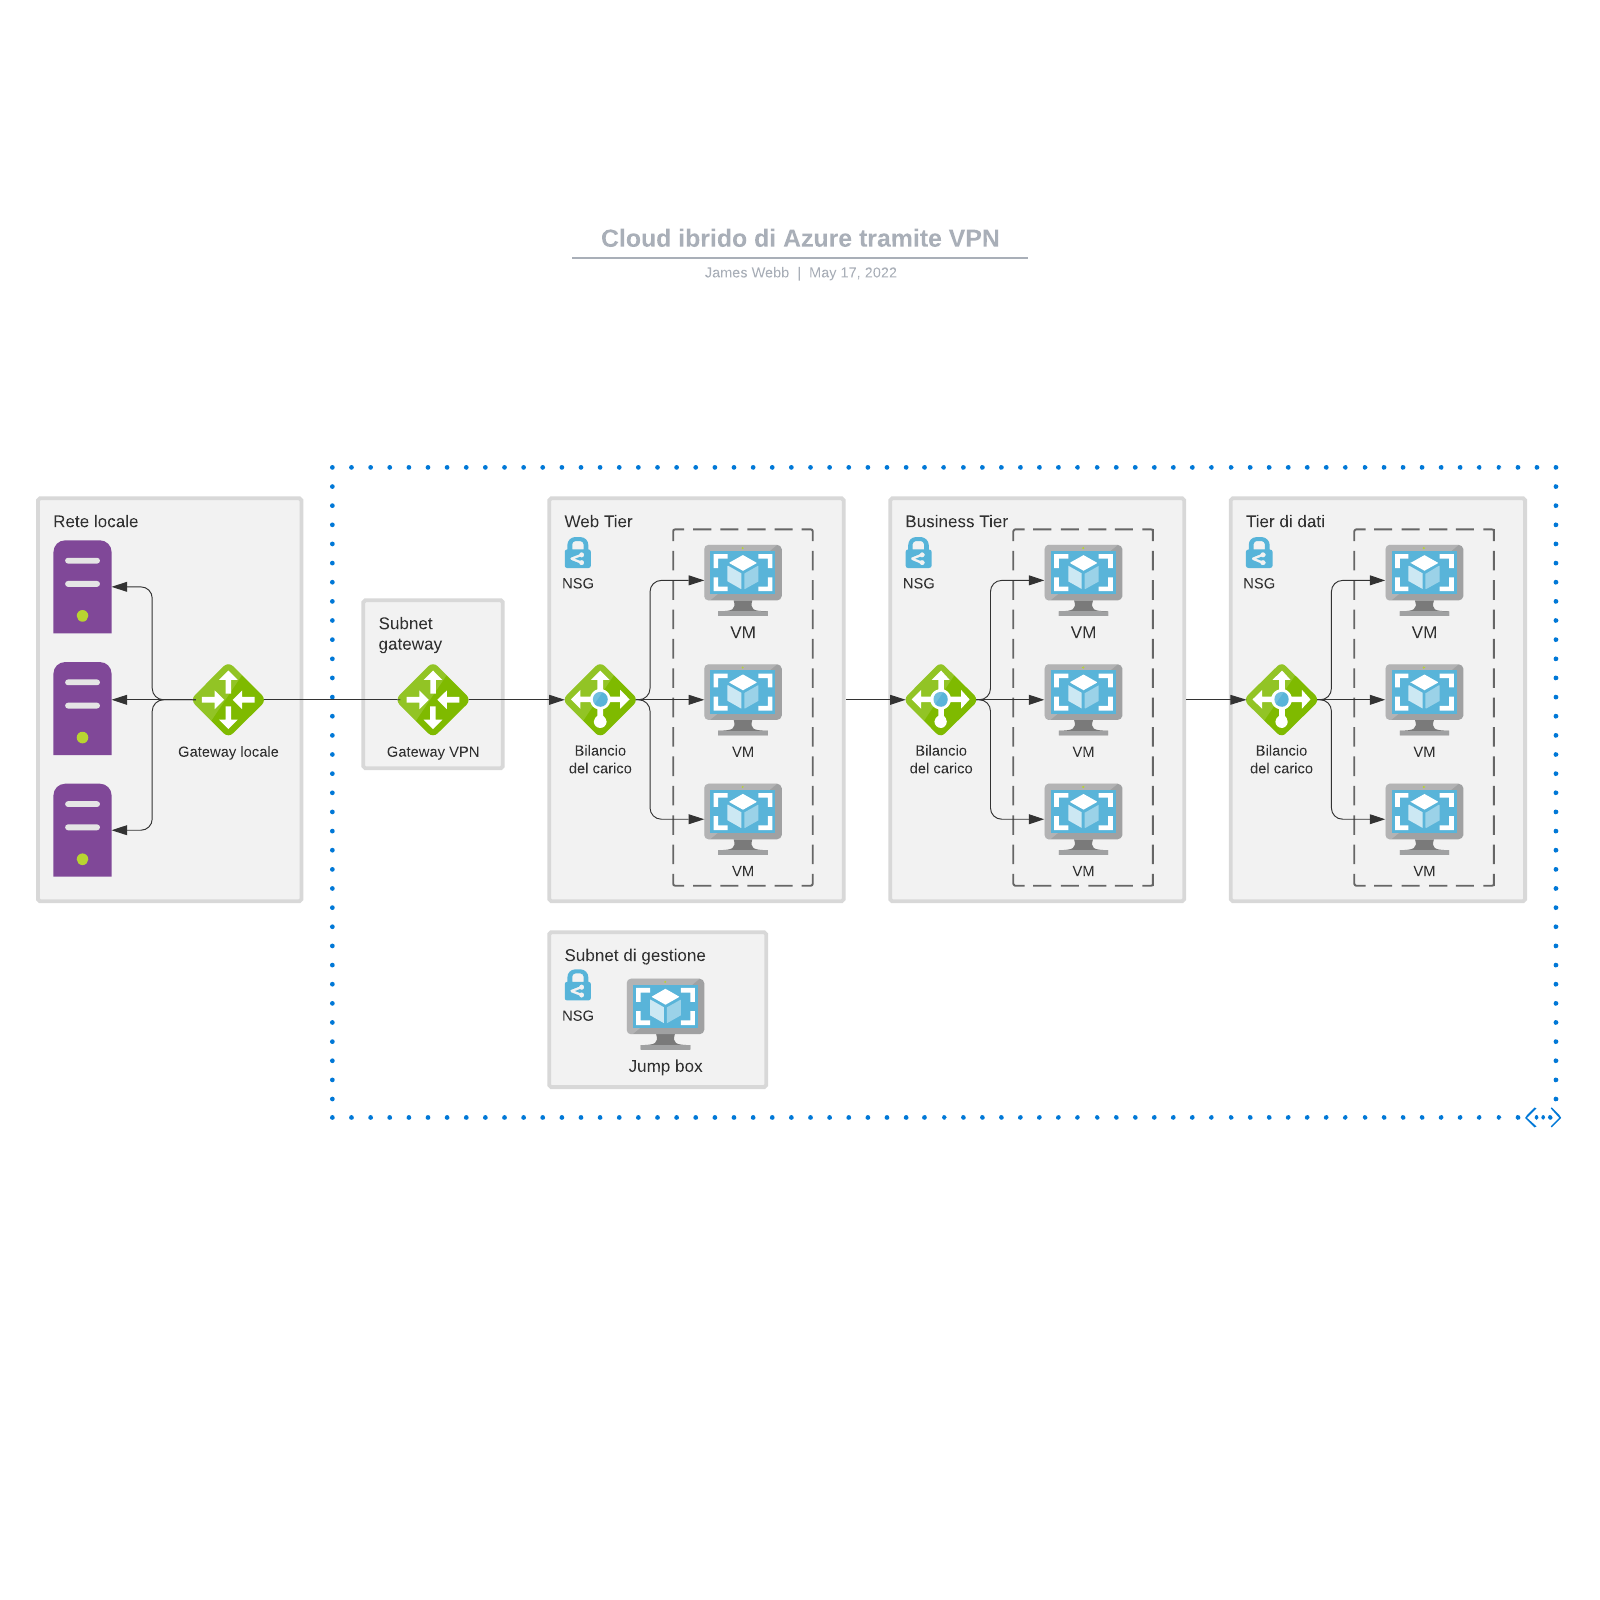 Cloud ibrido di Azure tramite VPN